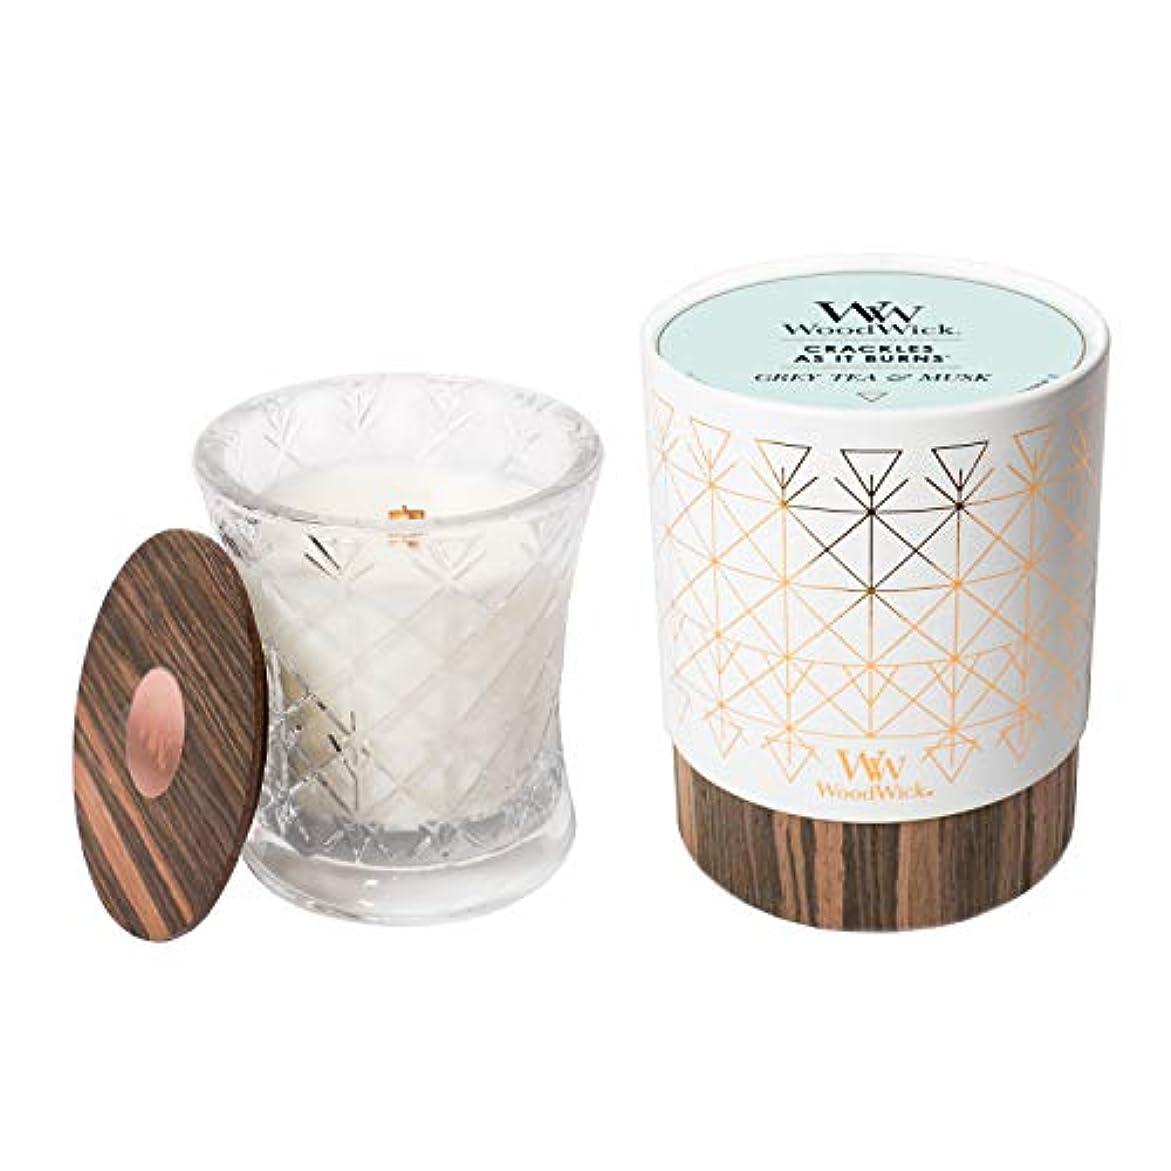 特許解釈する非難グレーTeaムスク – オーラコレクション砂時計WoodWick香りつきJar Candle